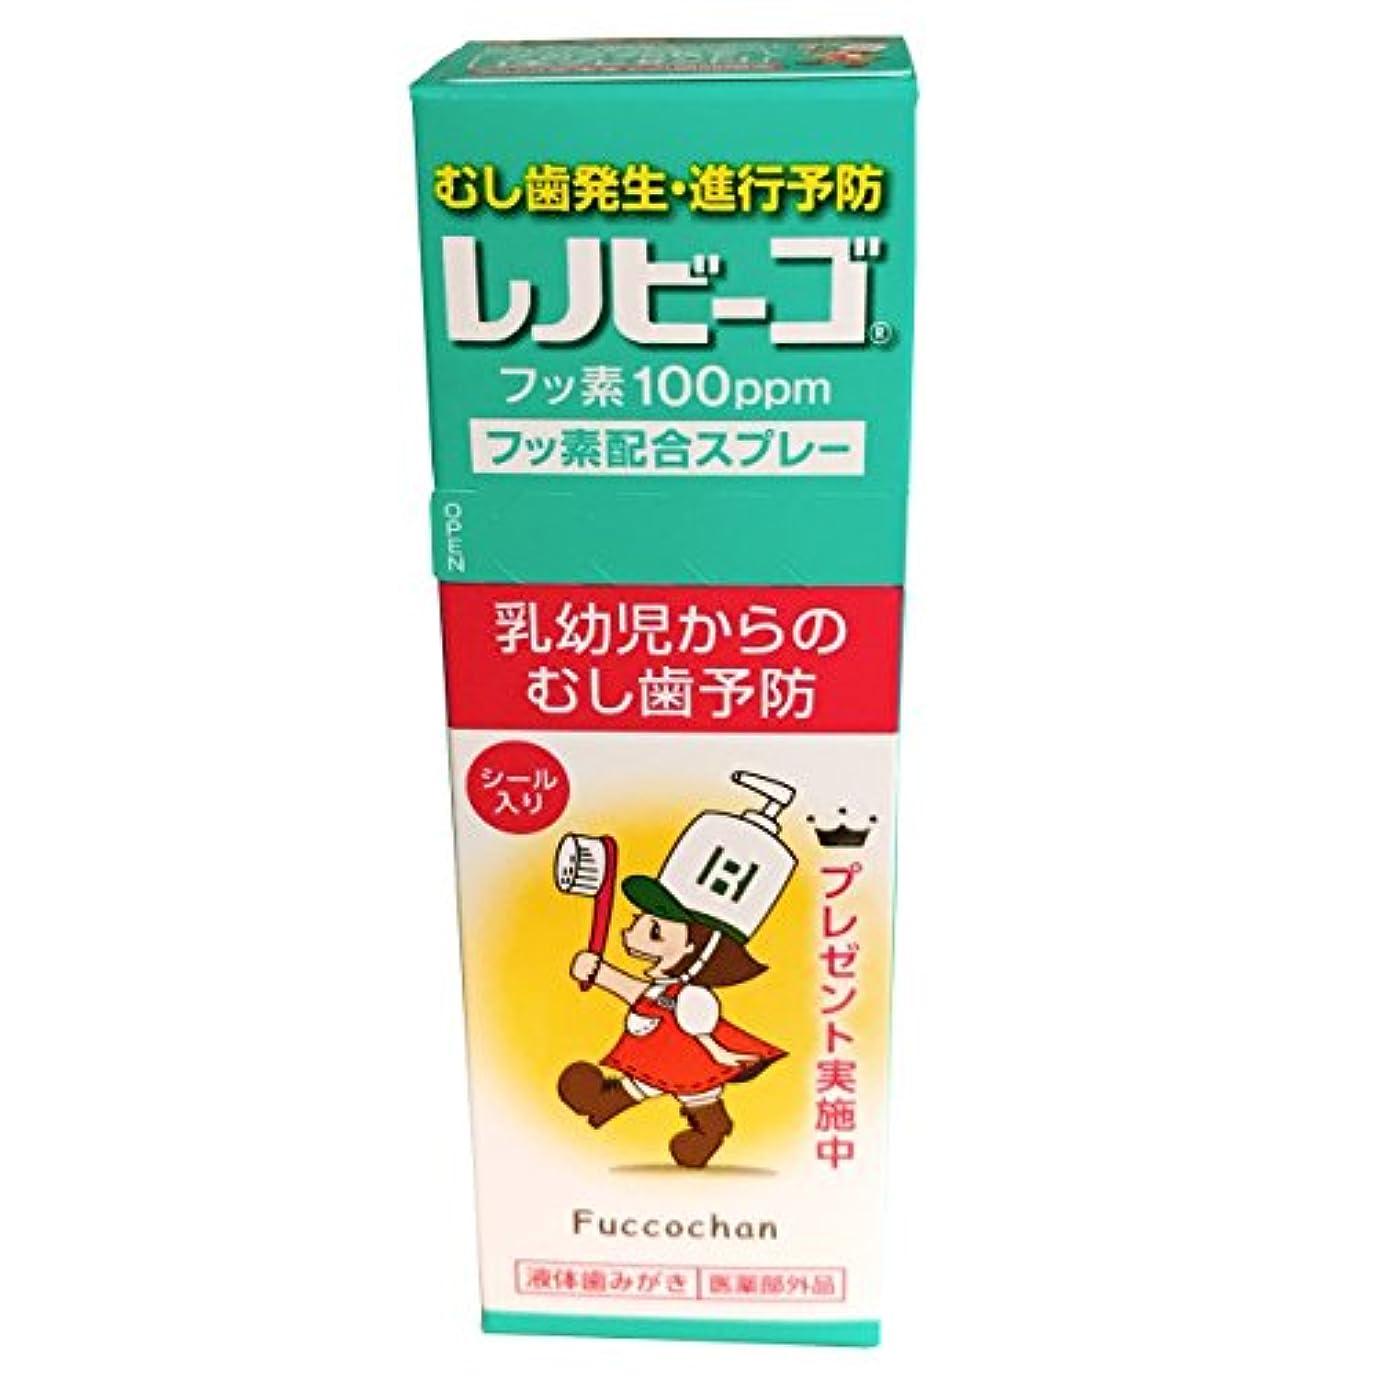 初期の酸度鼓舞するレノビーゴ 38ml